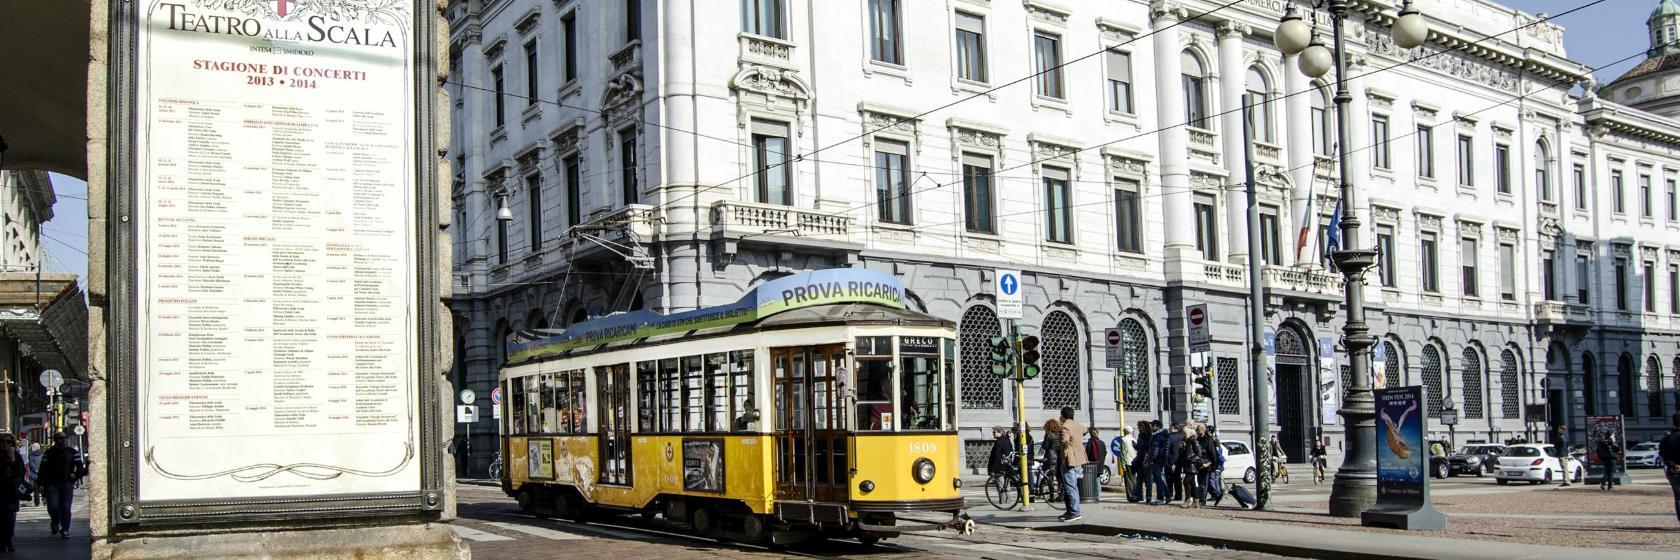 Studio La Sala Milano the 10 best hotels near la scala in milan, italy